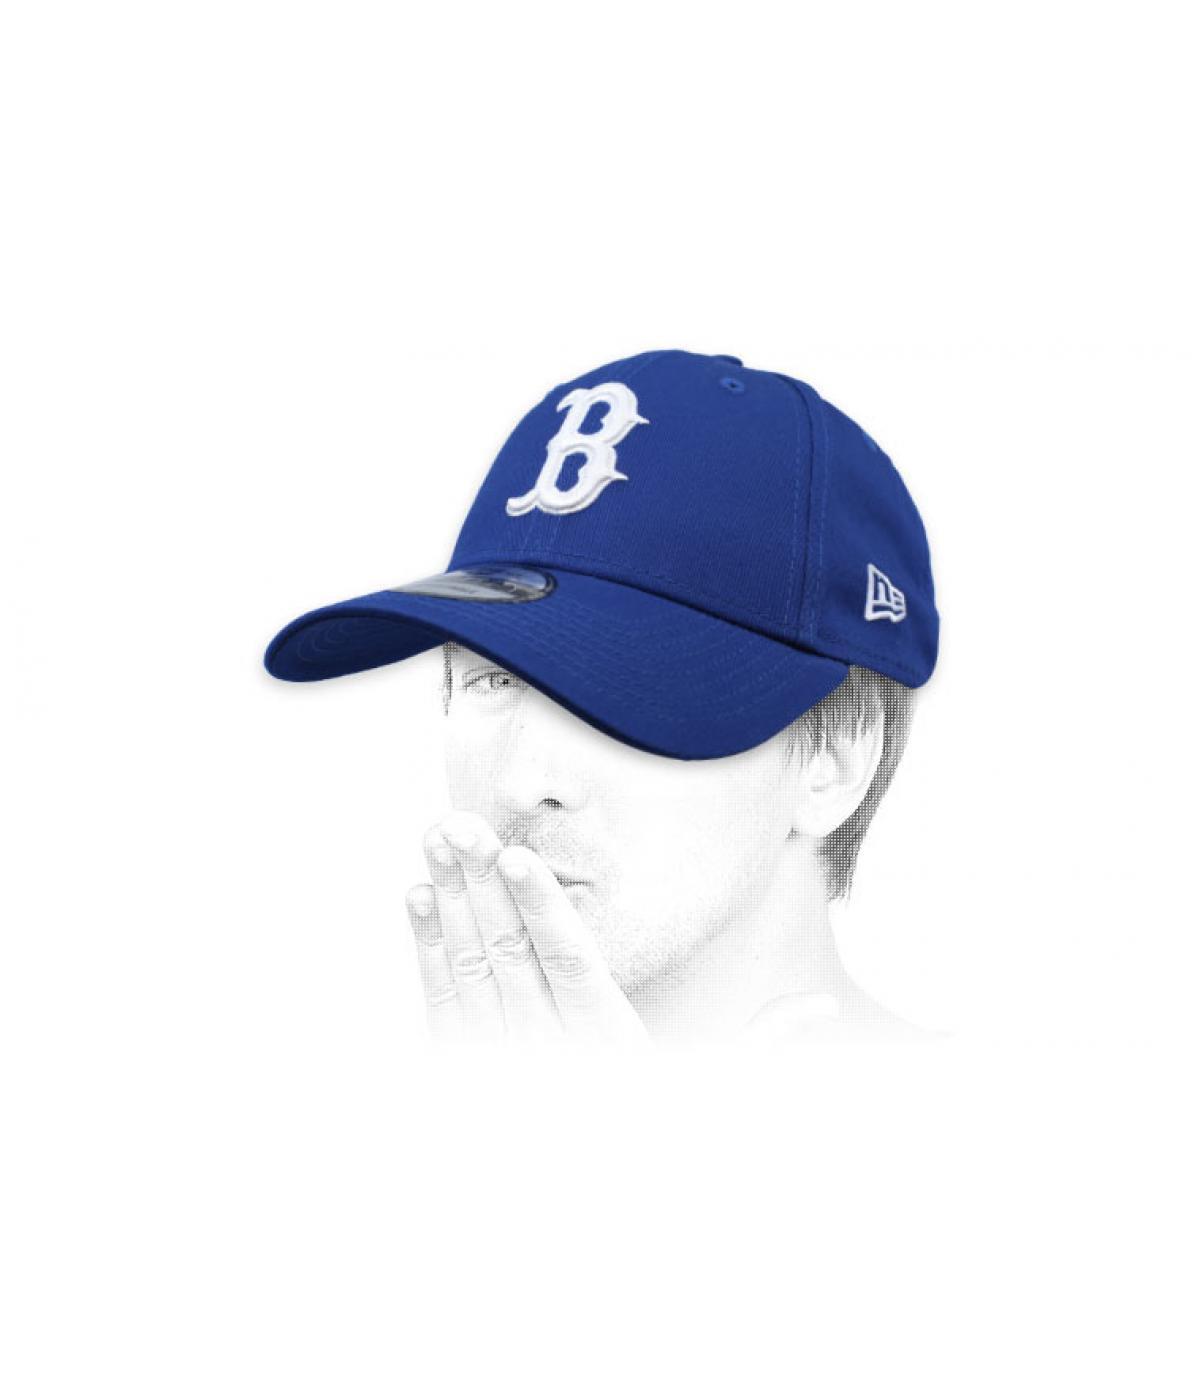 cappuccio B blu